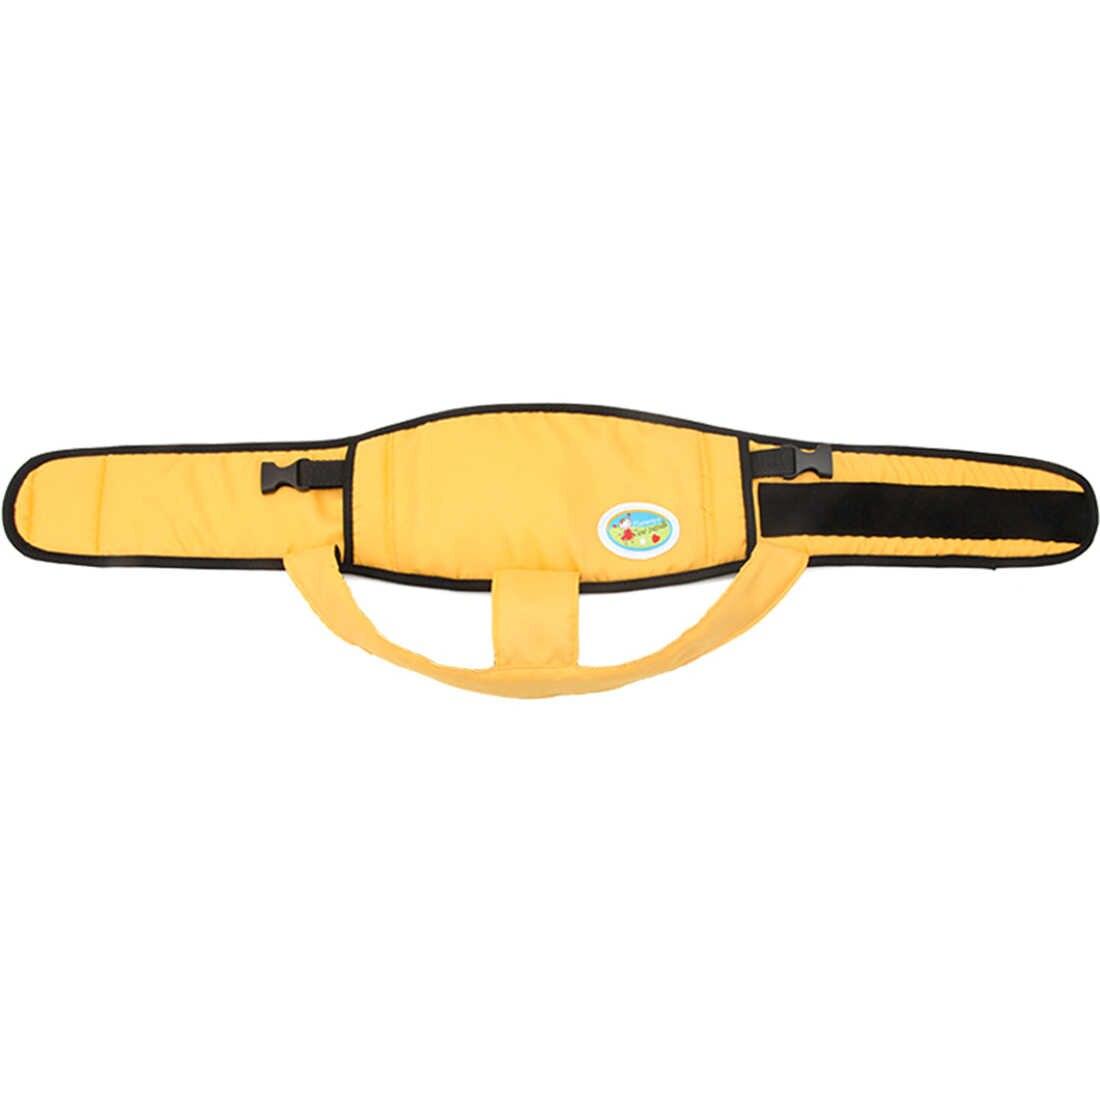 Cinturón de arnés de silla de comedor para bebé cinturón fijo portátil de seguridad para almuerzo de bebé Silla de viaje-naranja claro/luz /Rosa/azul/blanco